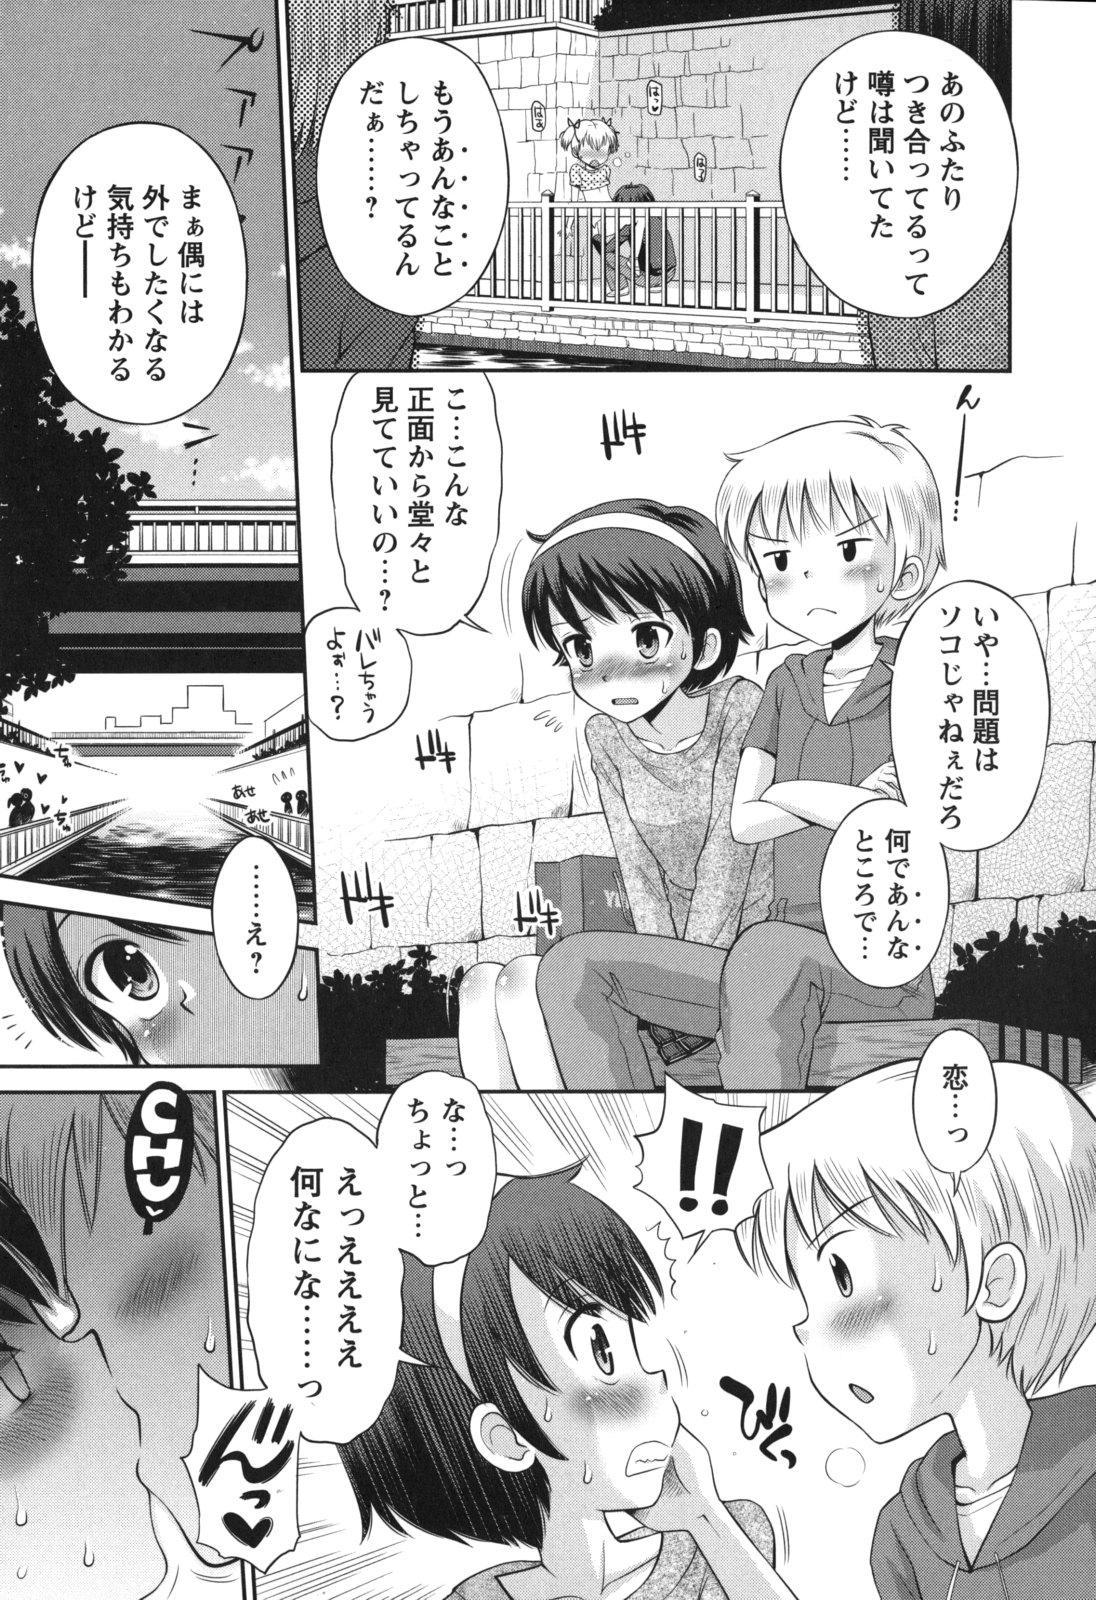 SOS! Sukebe na Osananajimi ga Shinobikondekimashita. 211